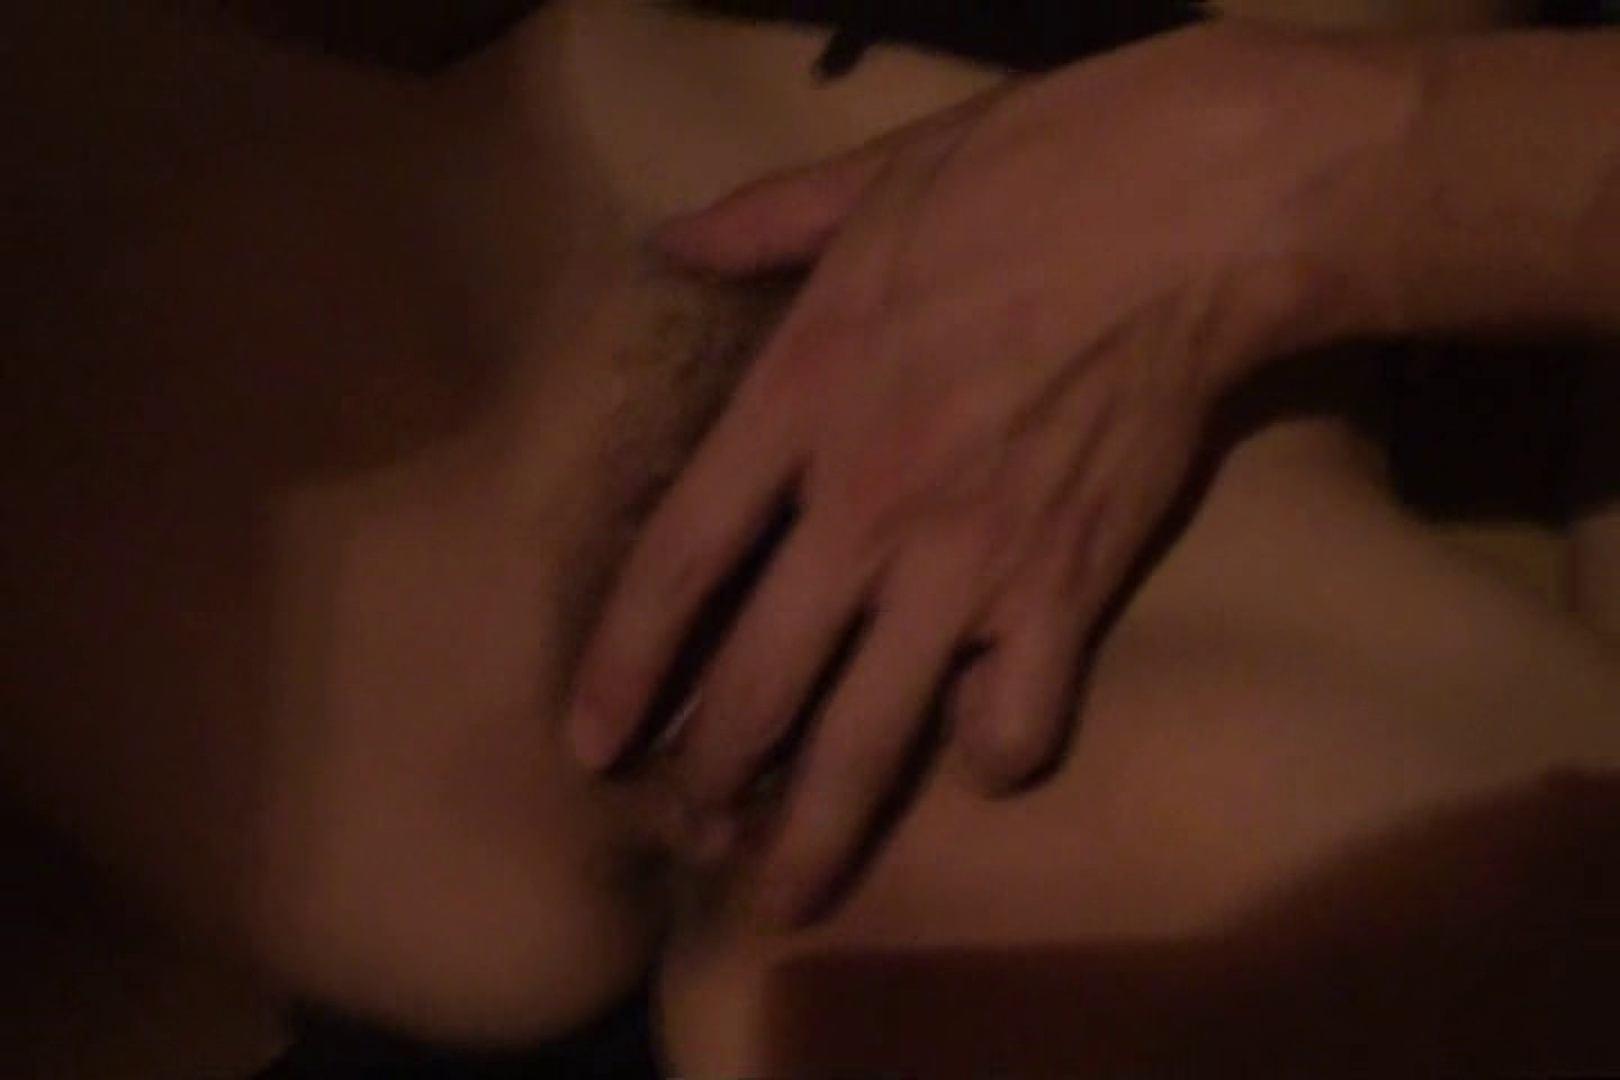 独占配信! ●罪証拠DVD 起きません! vol.06 OLエロ画像 盗撮セックス無修正動画無料 74PICs 34